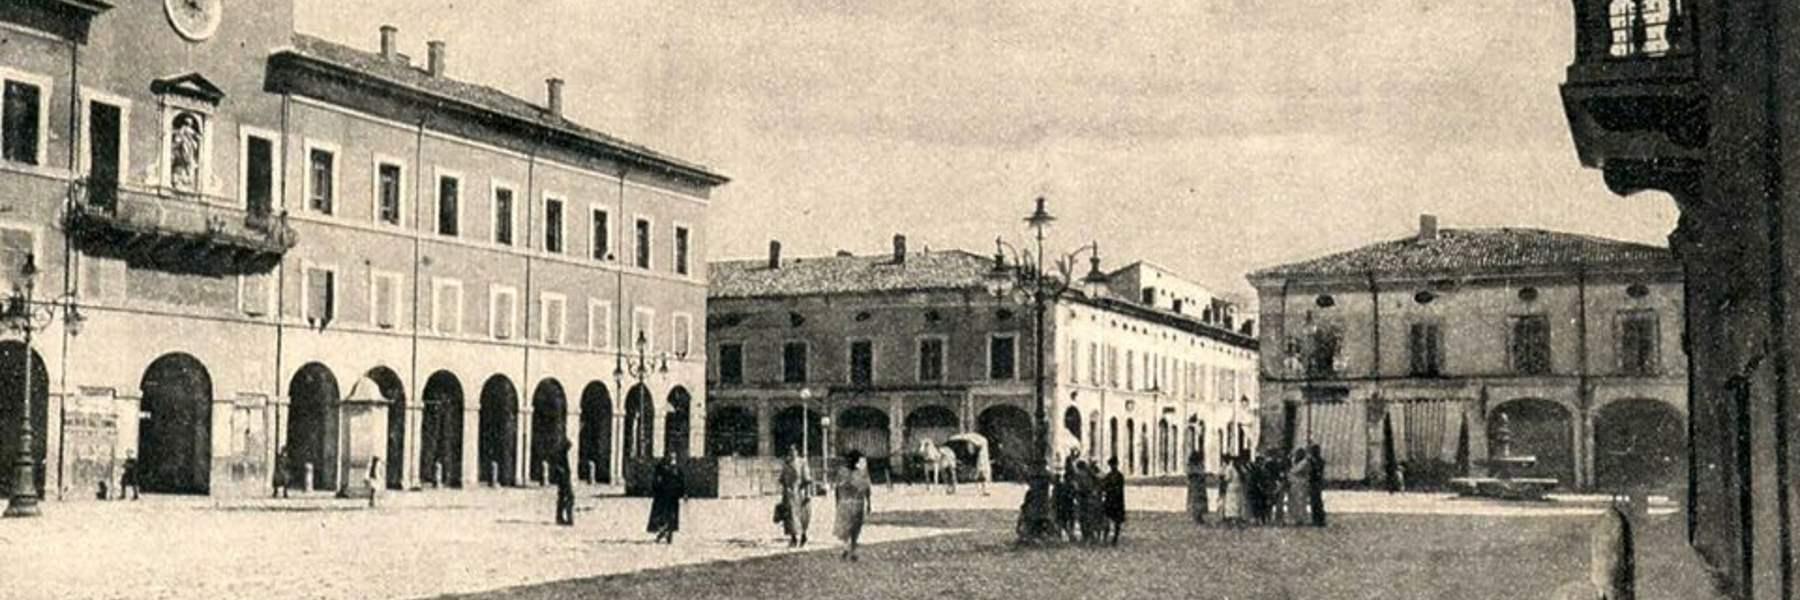 La Pavimentazione di Piazza Garibaldi